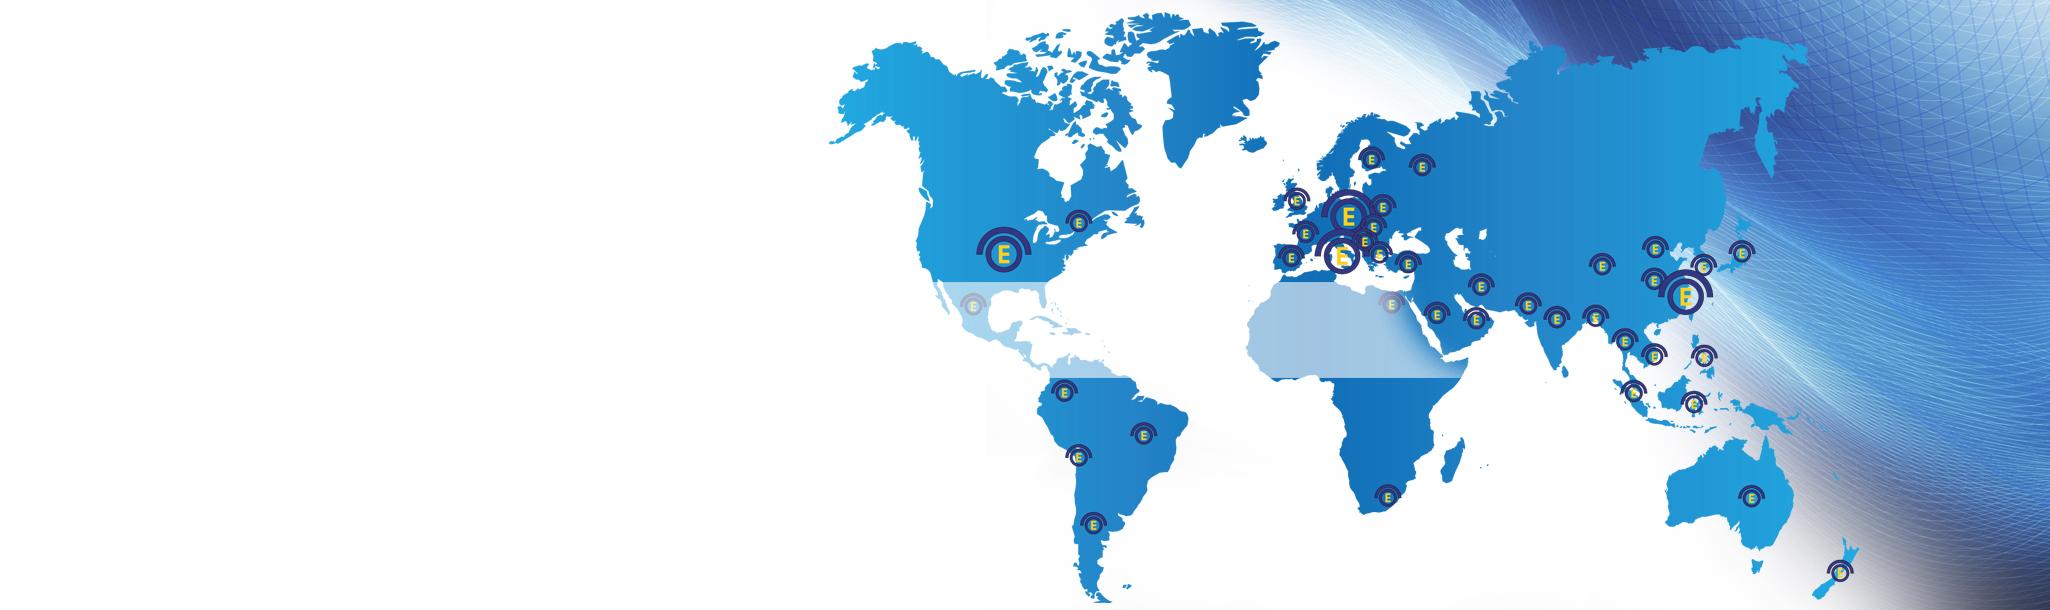 全球最佳合作与伙伴关系缩略图